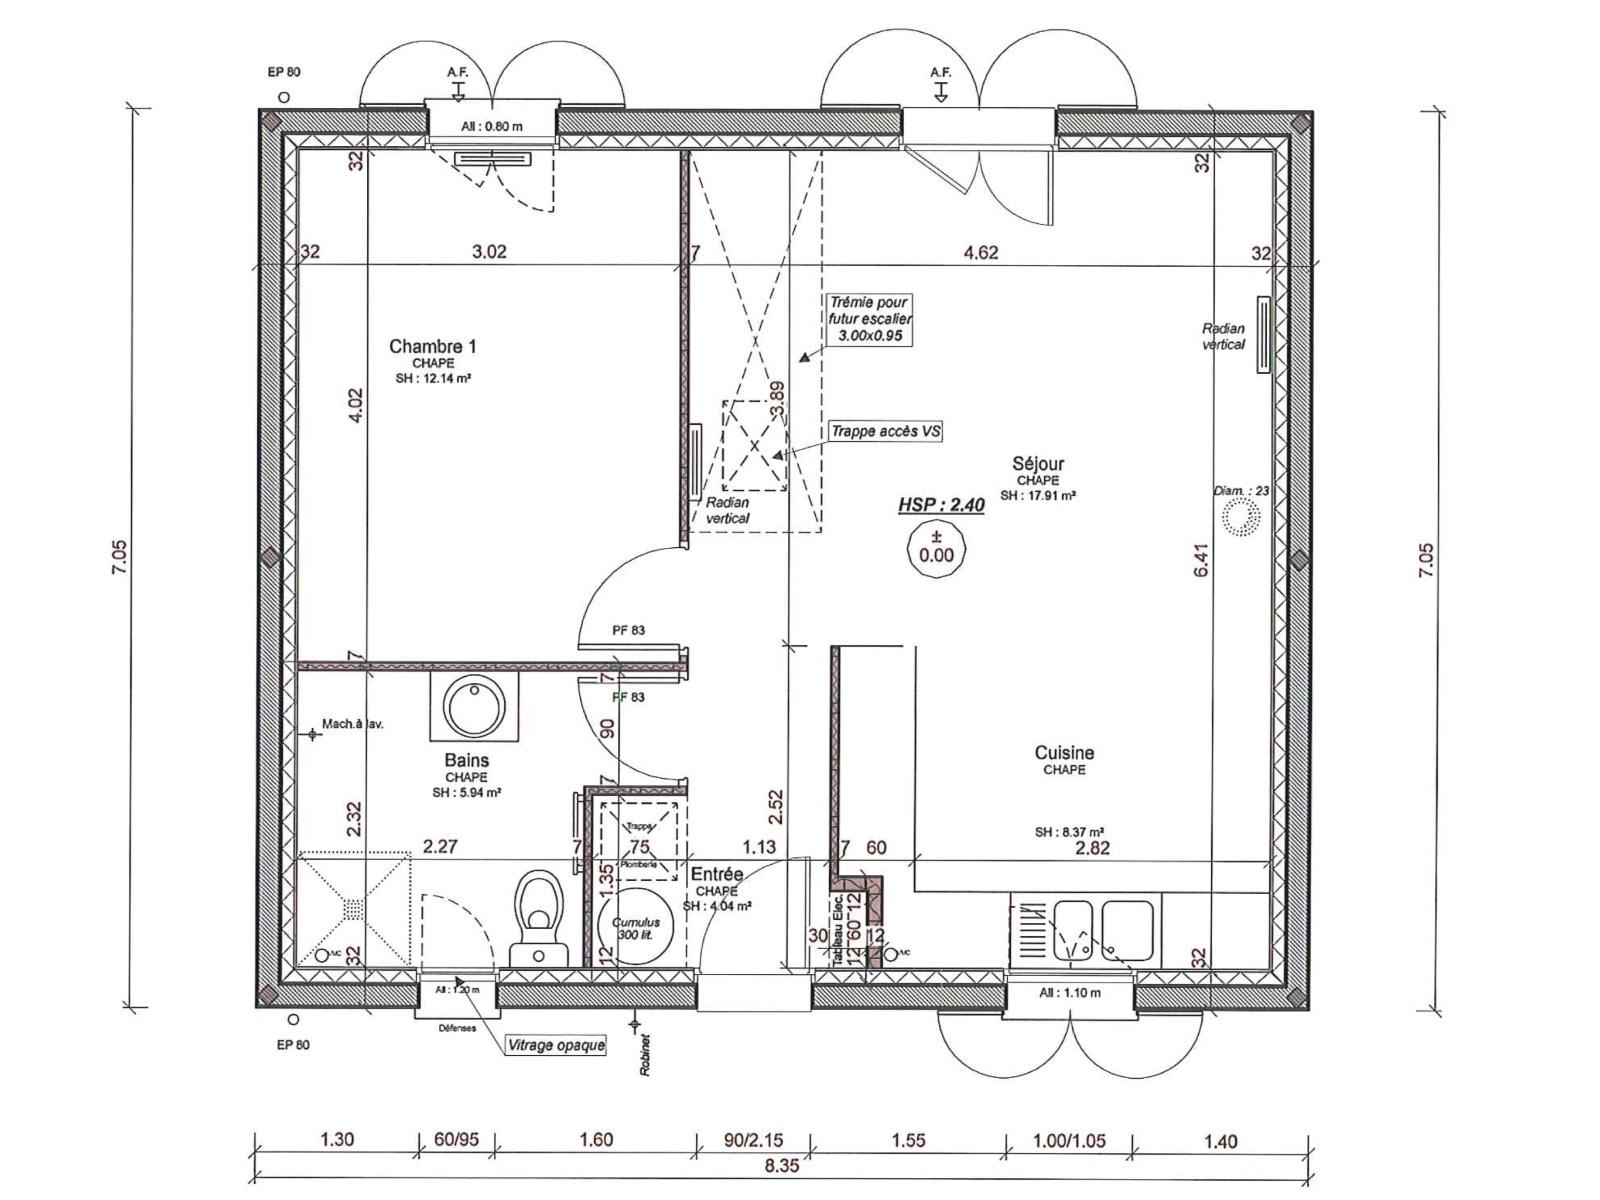 Vente maison contemporaine de plain pied voves - Plan maison 80m2 3 chambres ...